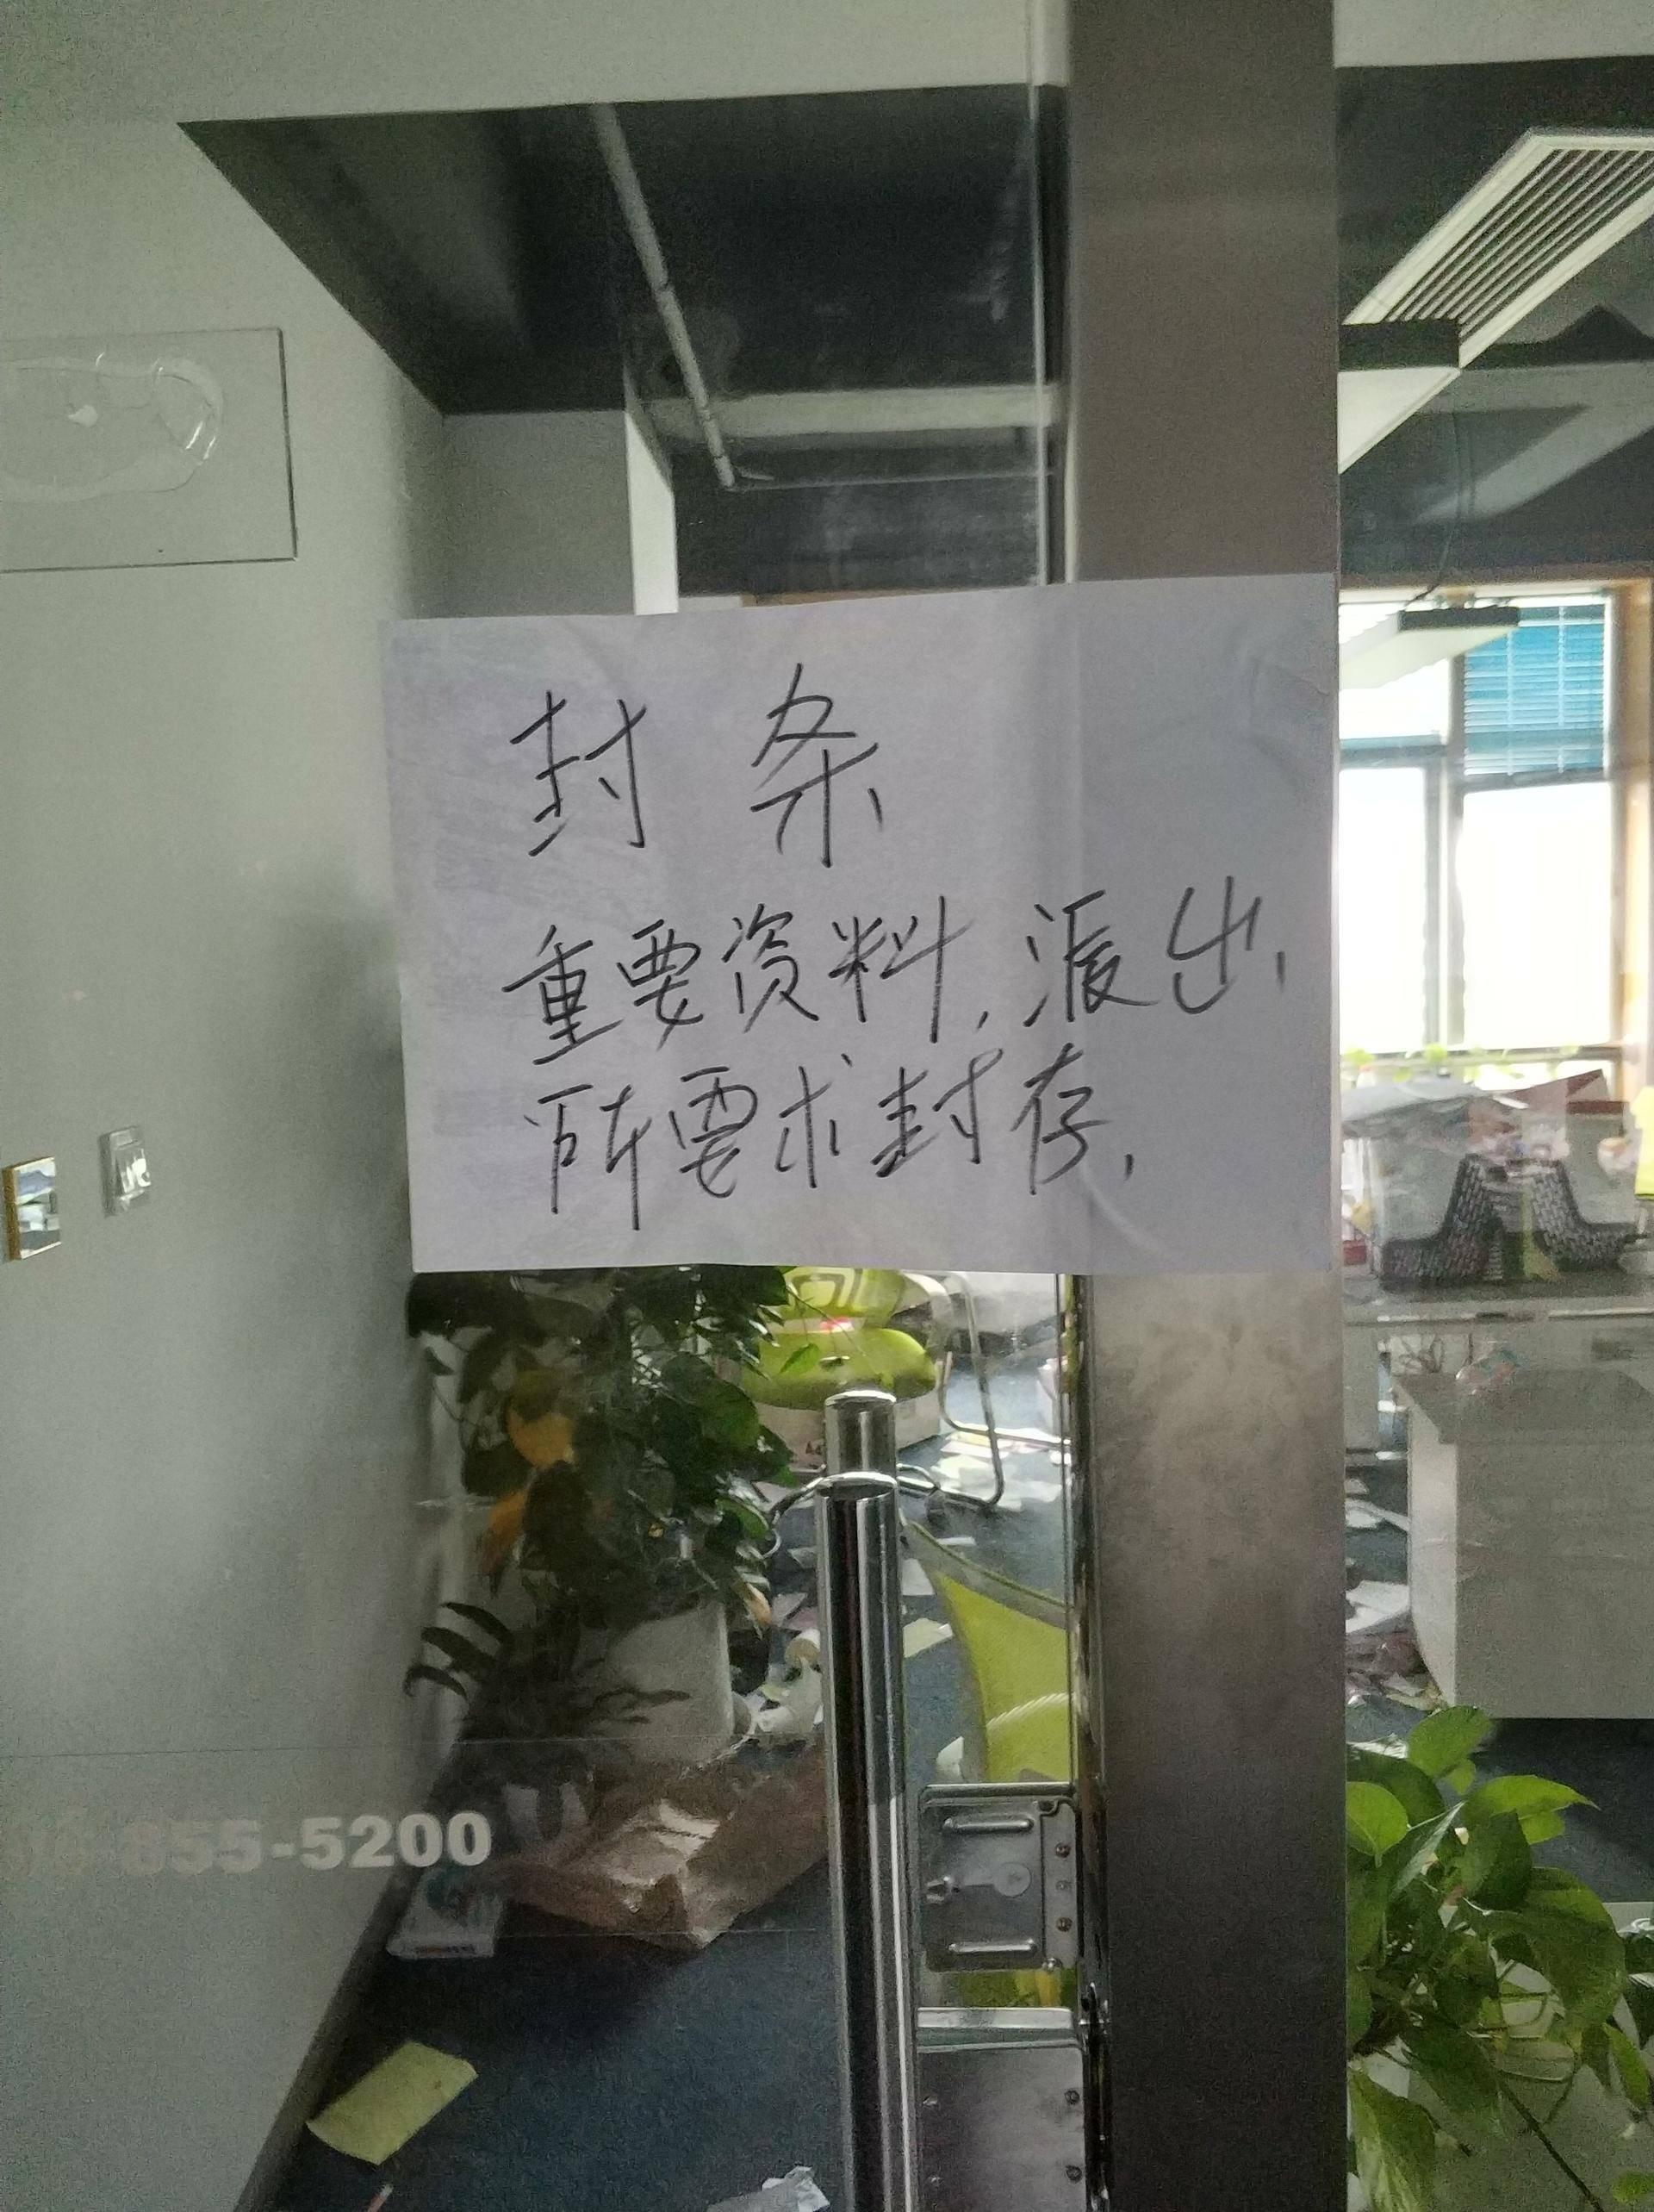 杭州长租公寓爆雷前传:融资千万声称估值破亿房屋租不掉中介自担40%